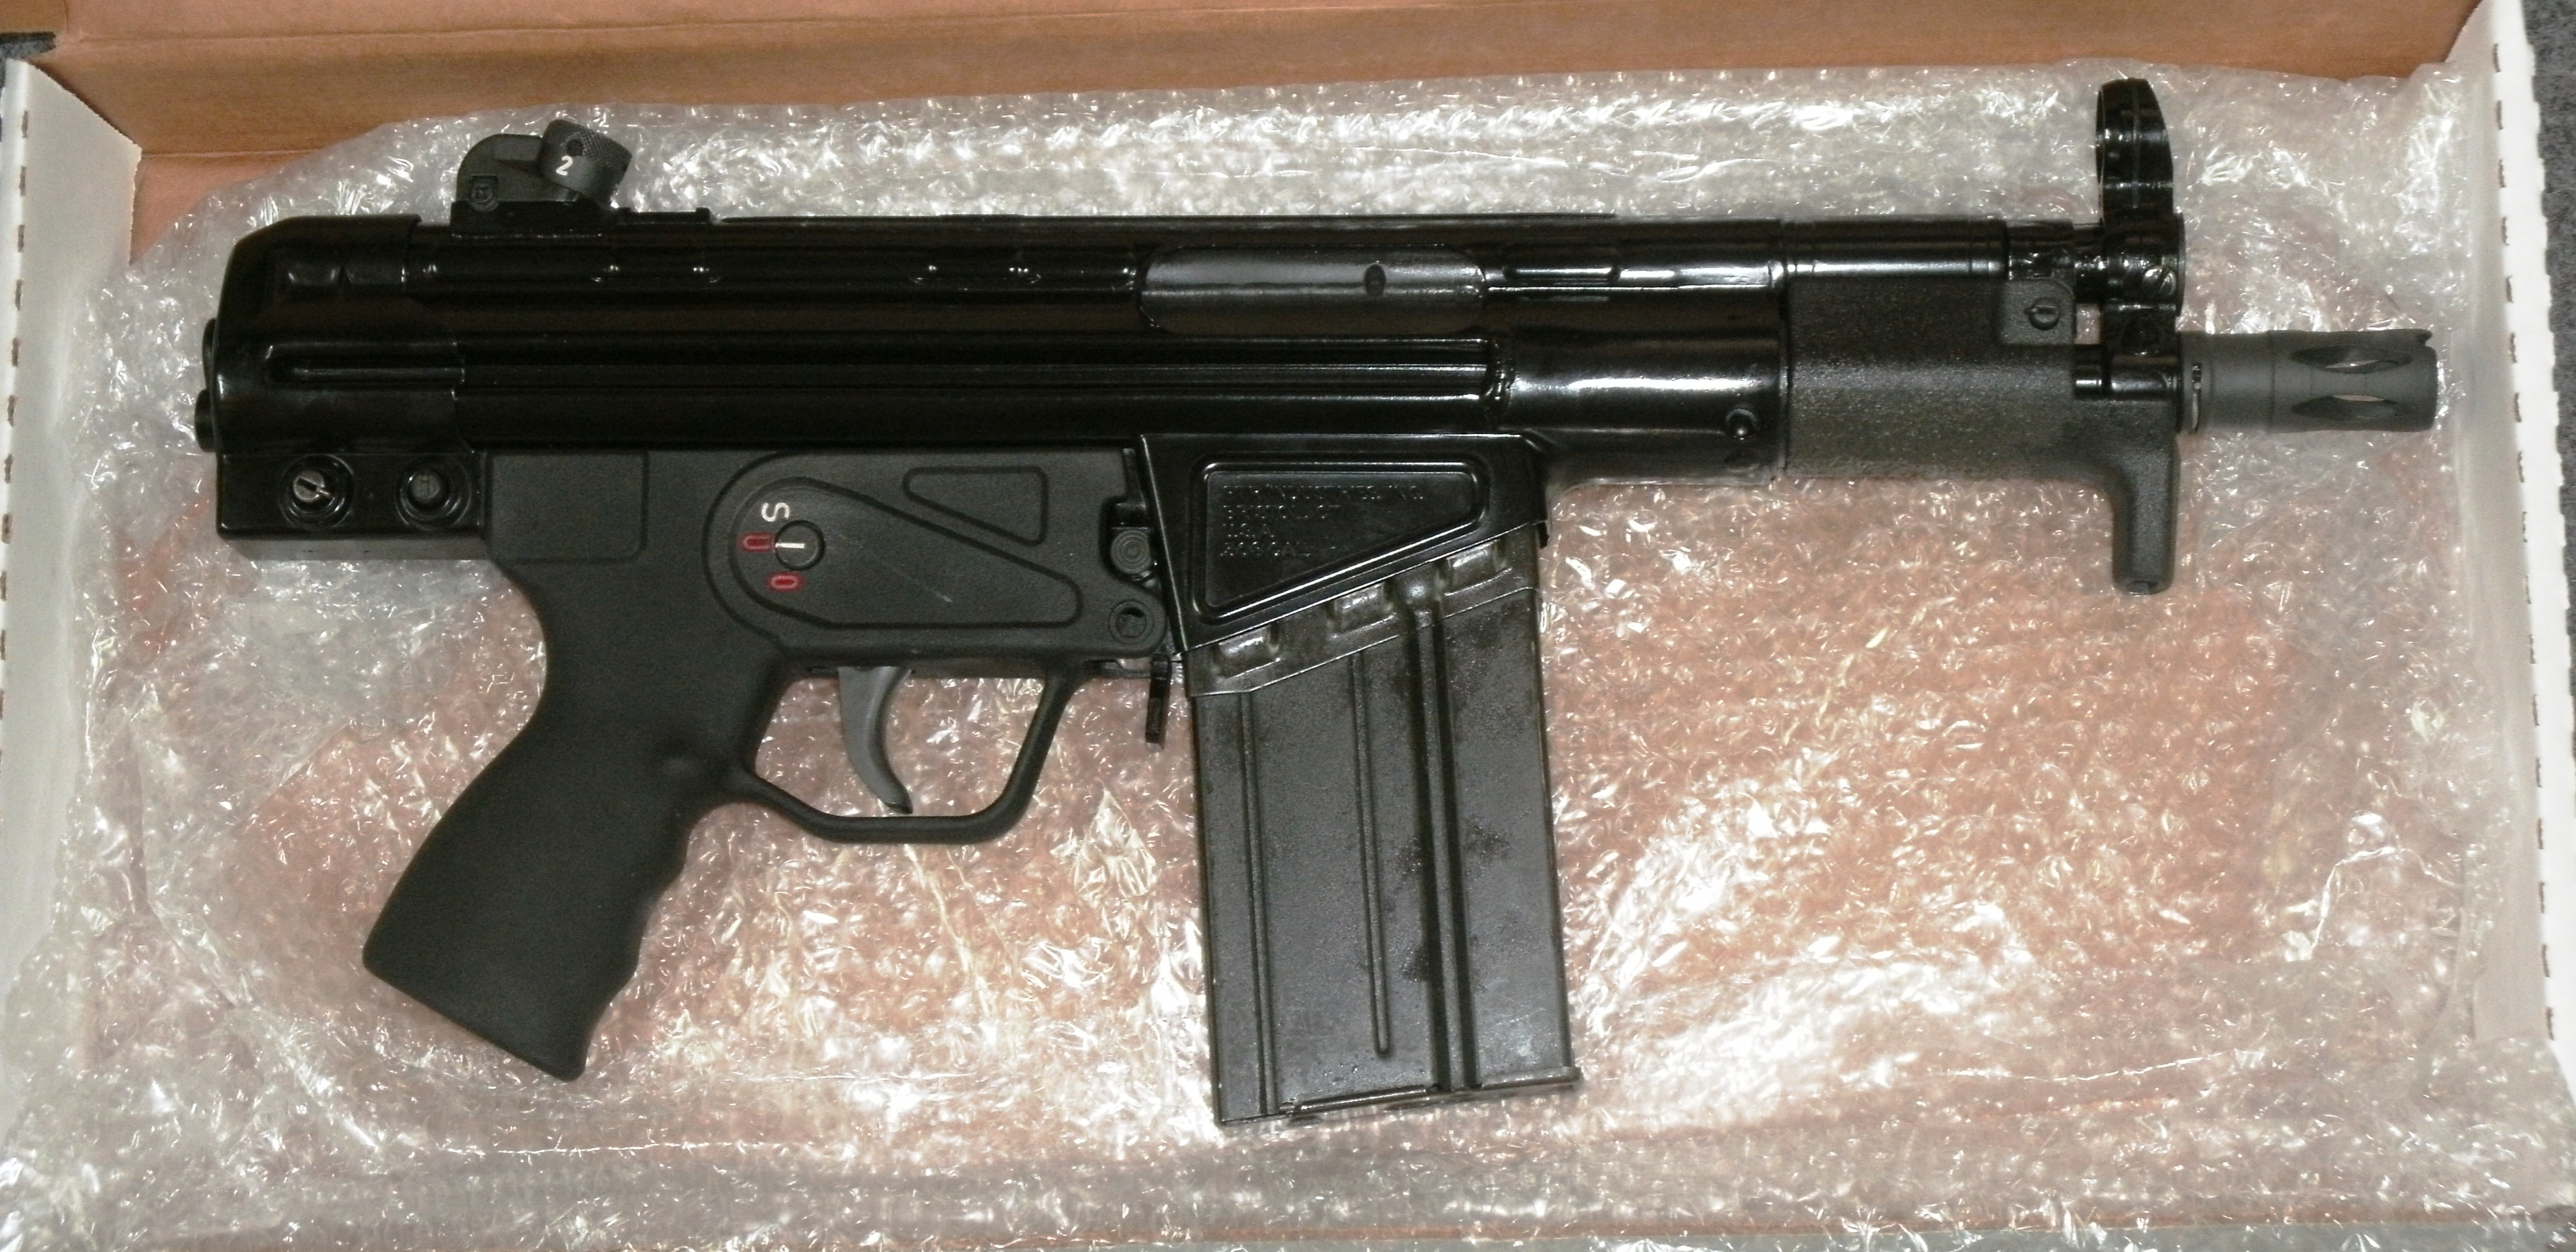 http://www.kellyenterprises.net/images/stories/virtuemart/product/ke-51k-pistol.jpg